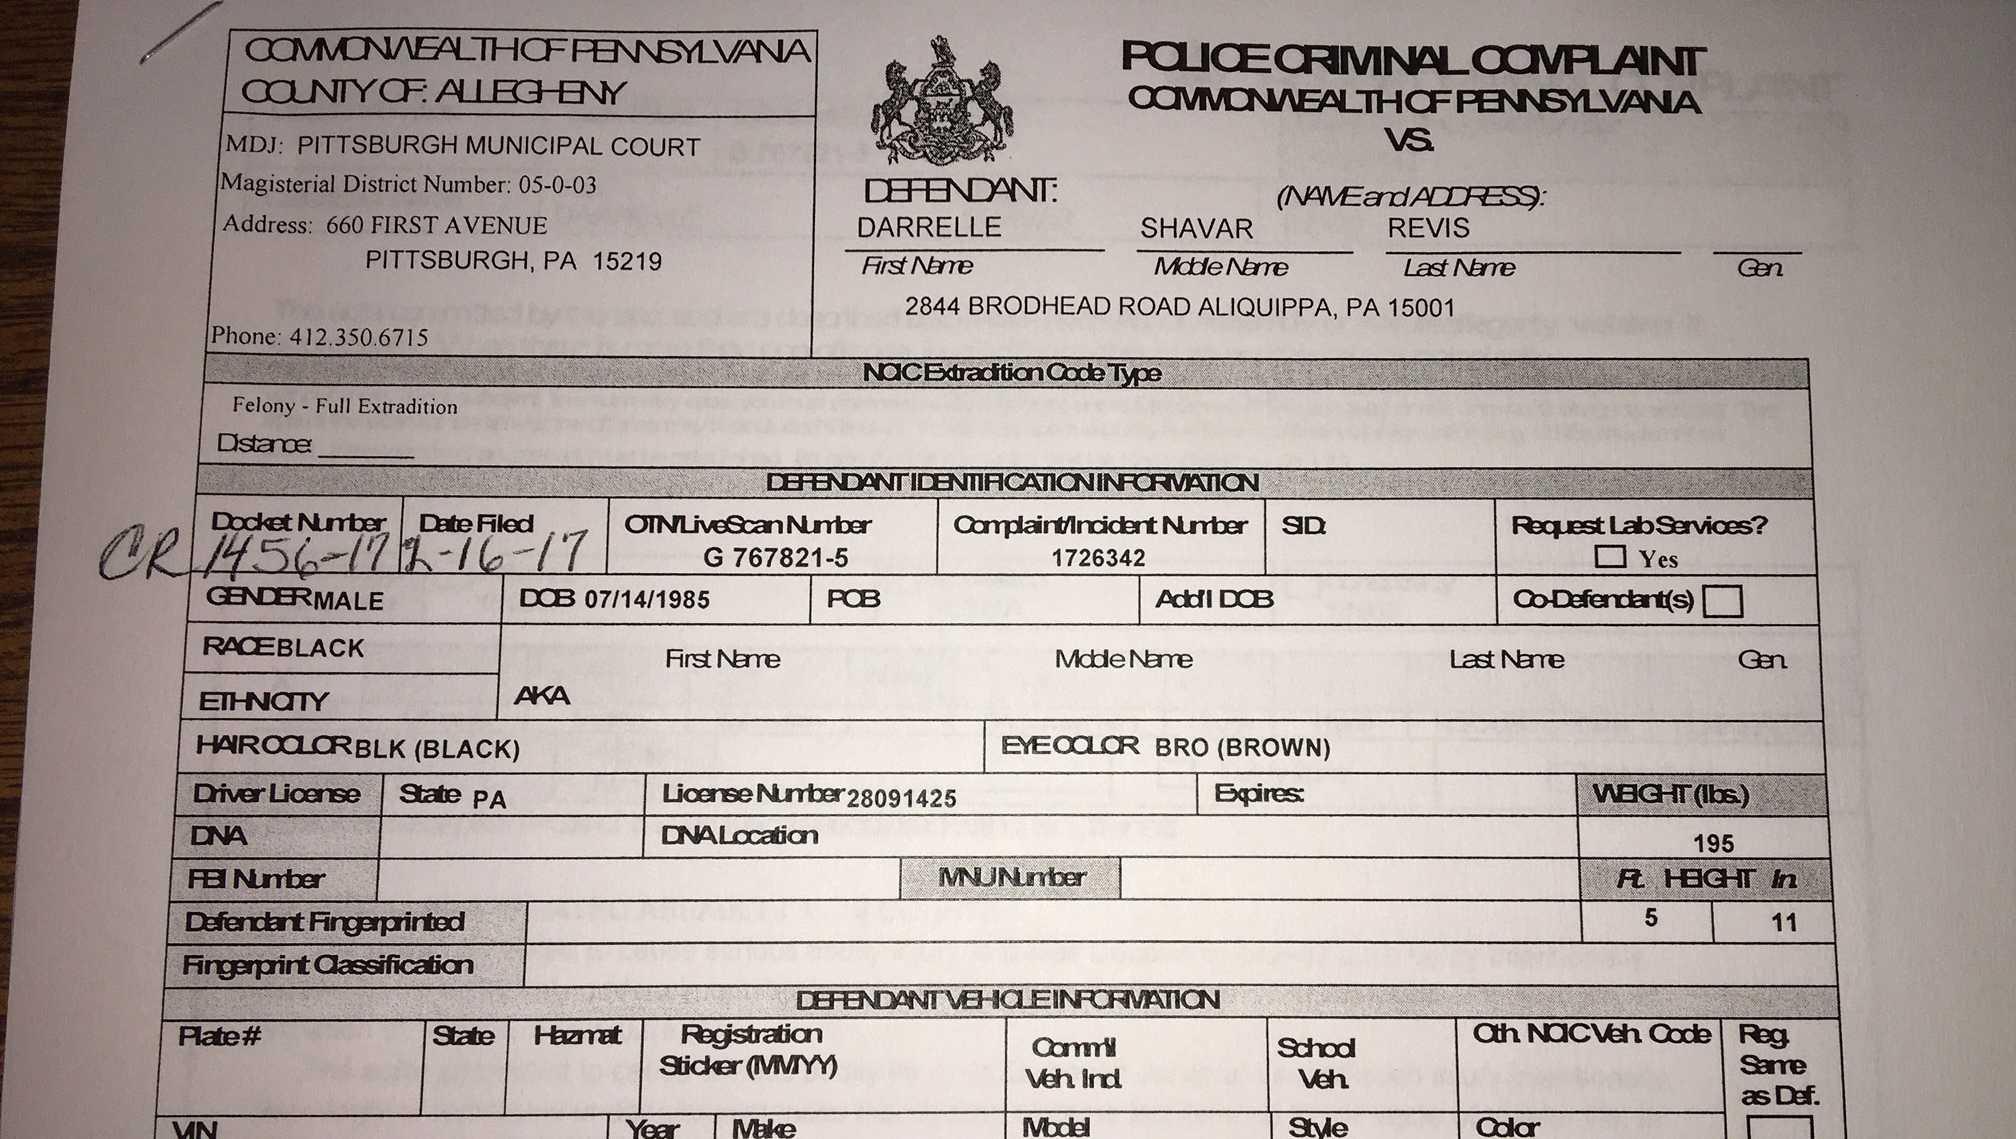 Revis criminal complaint